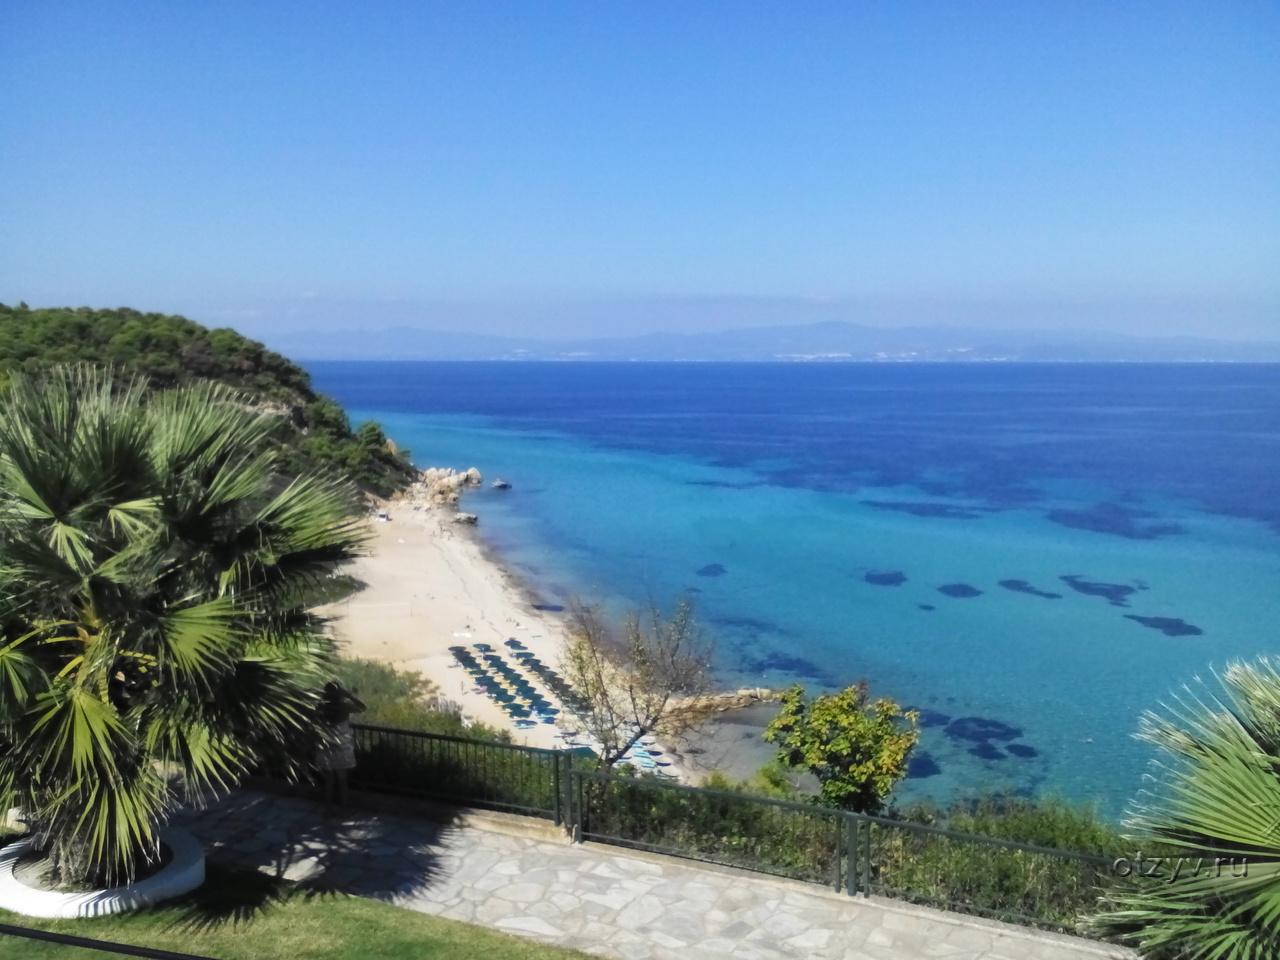 подход, халкидики греция отзывы туристов о пляжах фото положением локтей можно